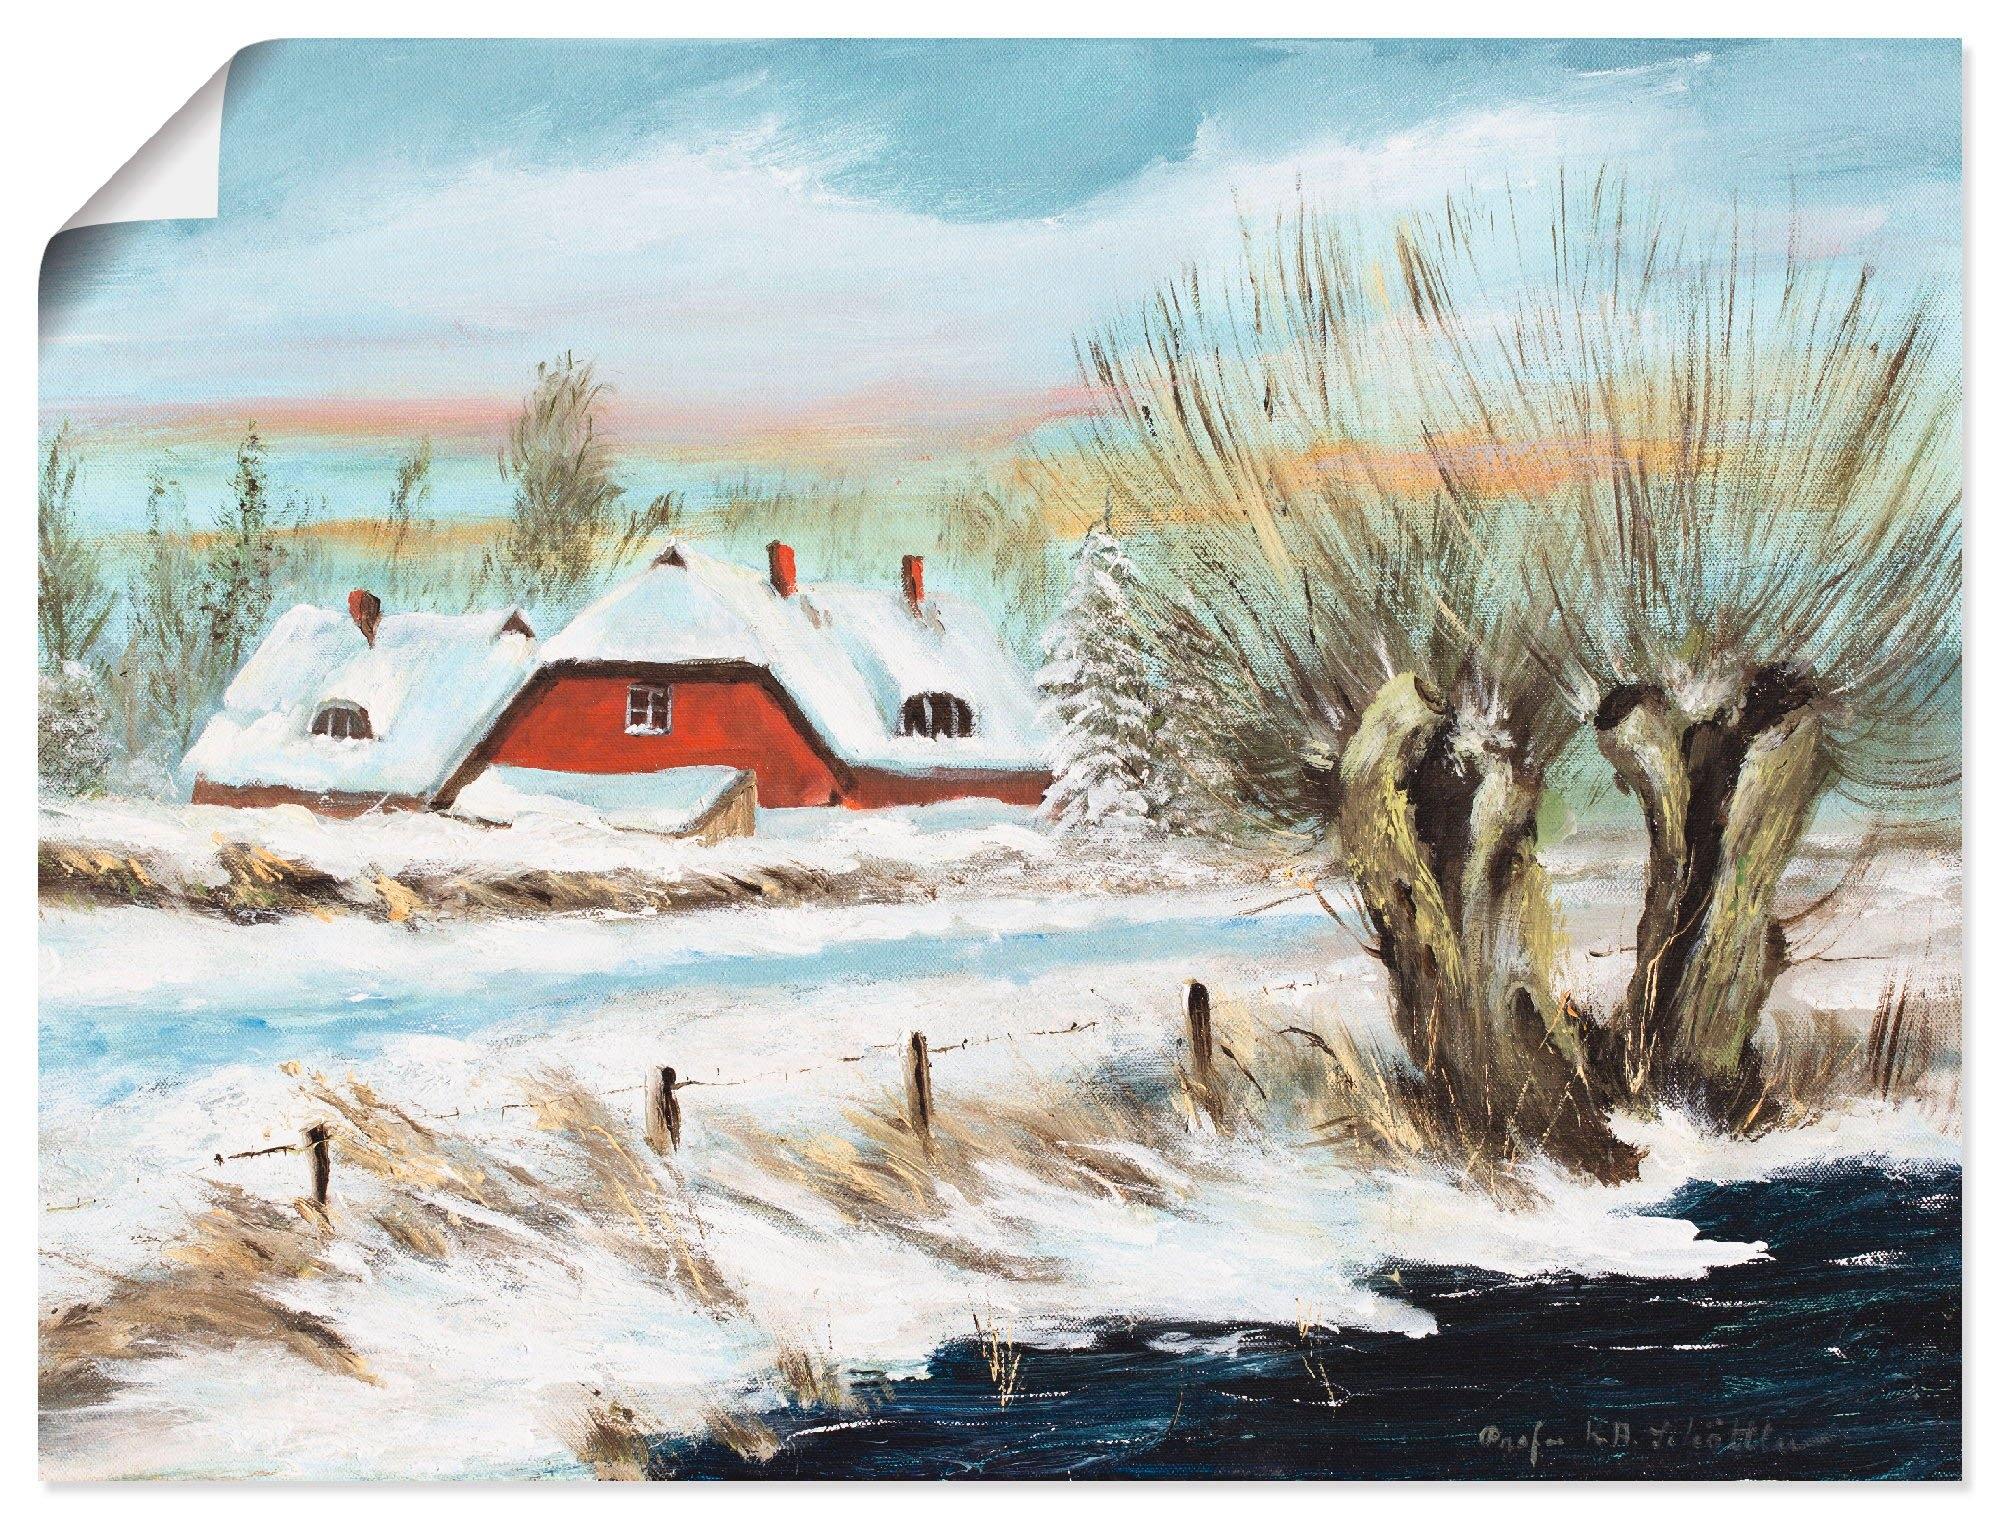 Artland artprint Rood huis in de sneeuw in vele afmetingen & productsoorten -artprint op linnen, poster, muursticker / wandfolie ook geschikt voor de badkamer (1 stuk) goedkoop op otto.nl kopen